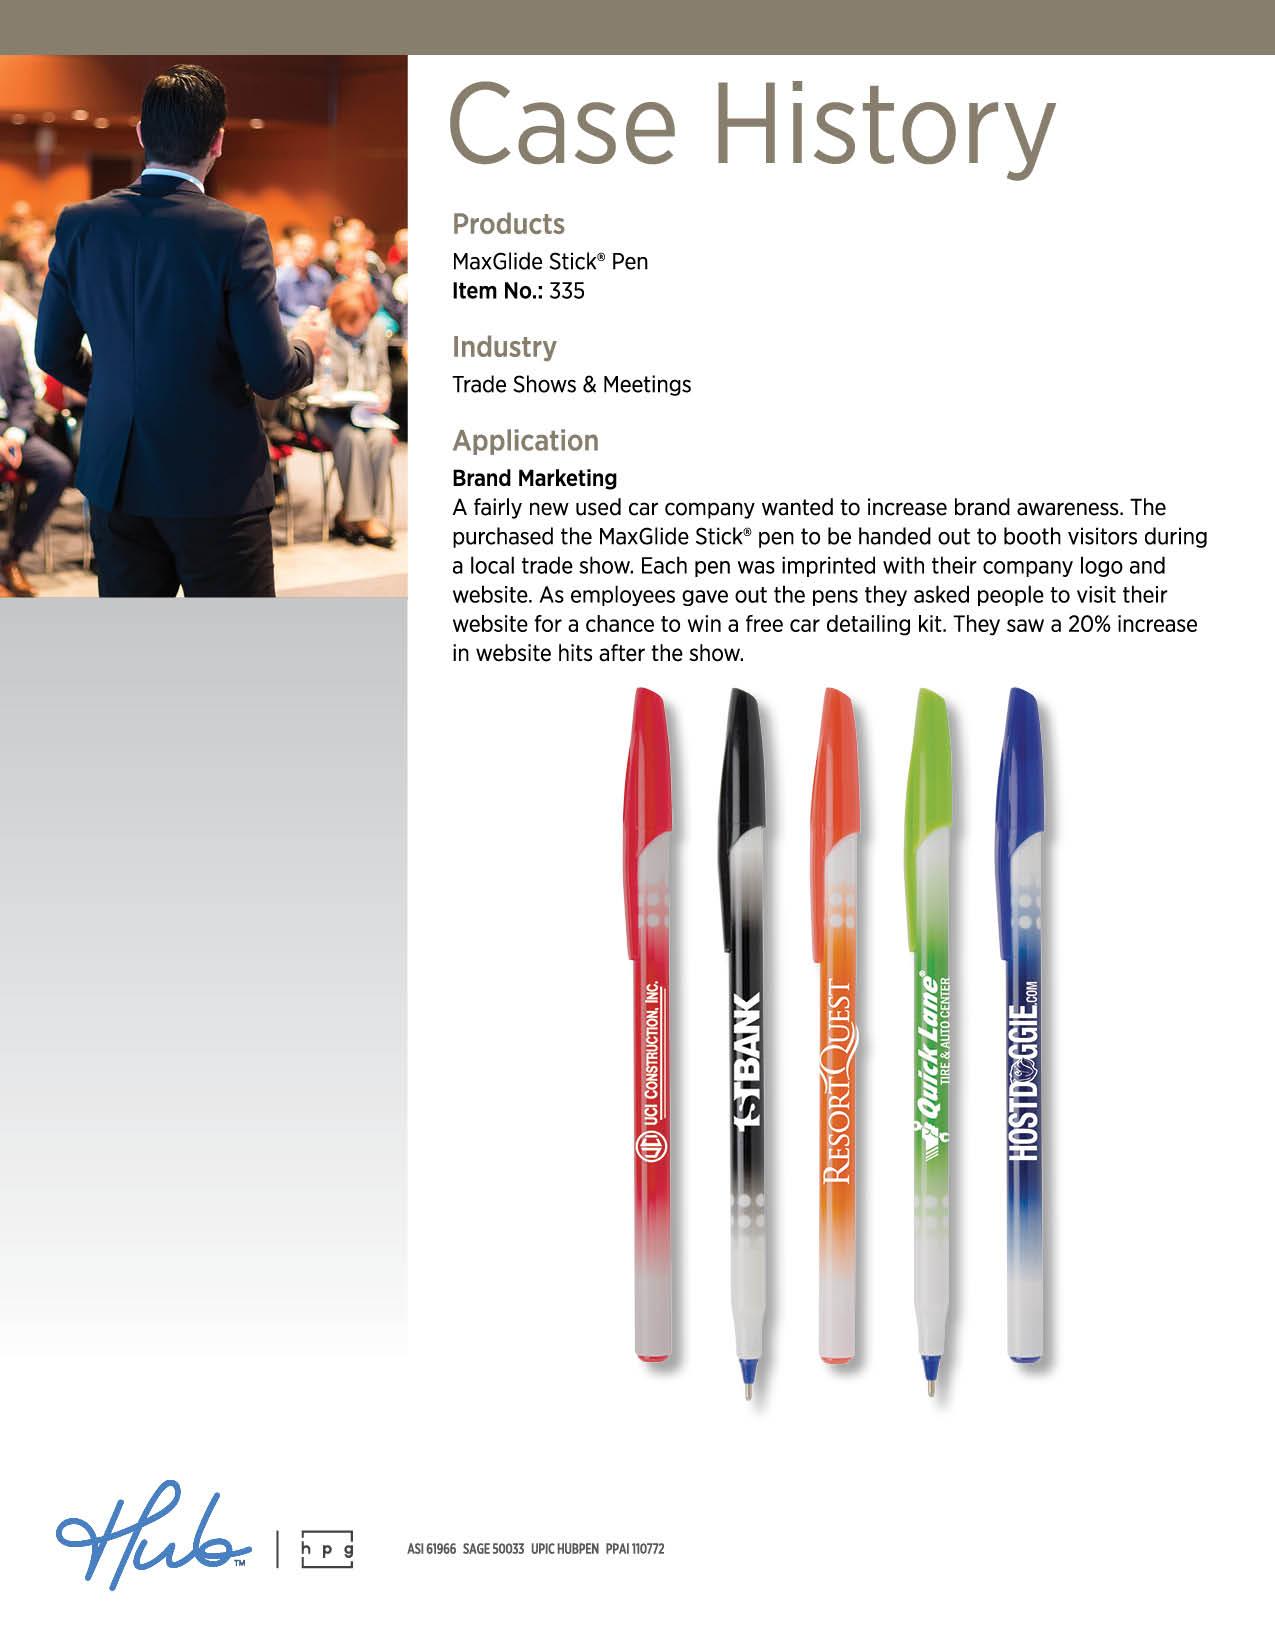 MaxGlide Stick Trade Show Case History